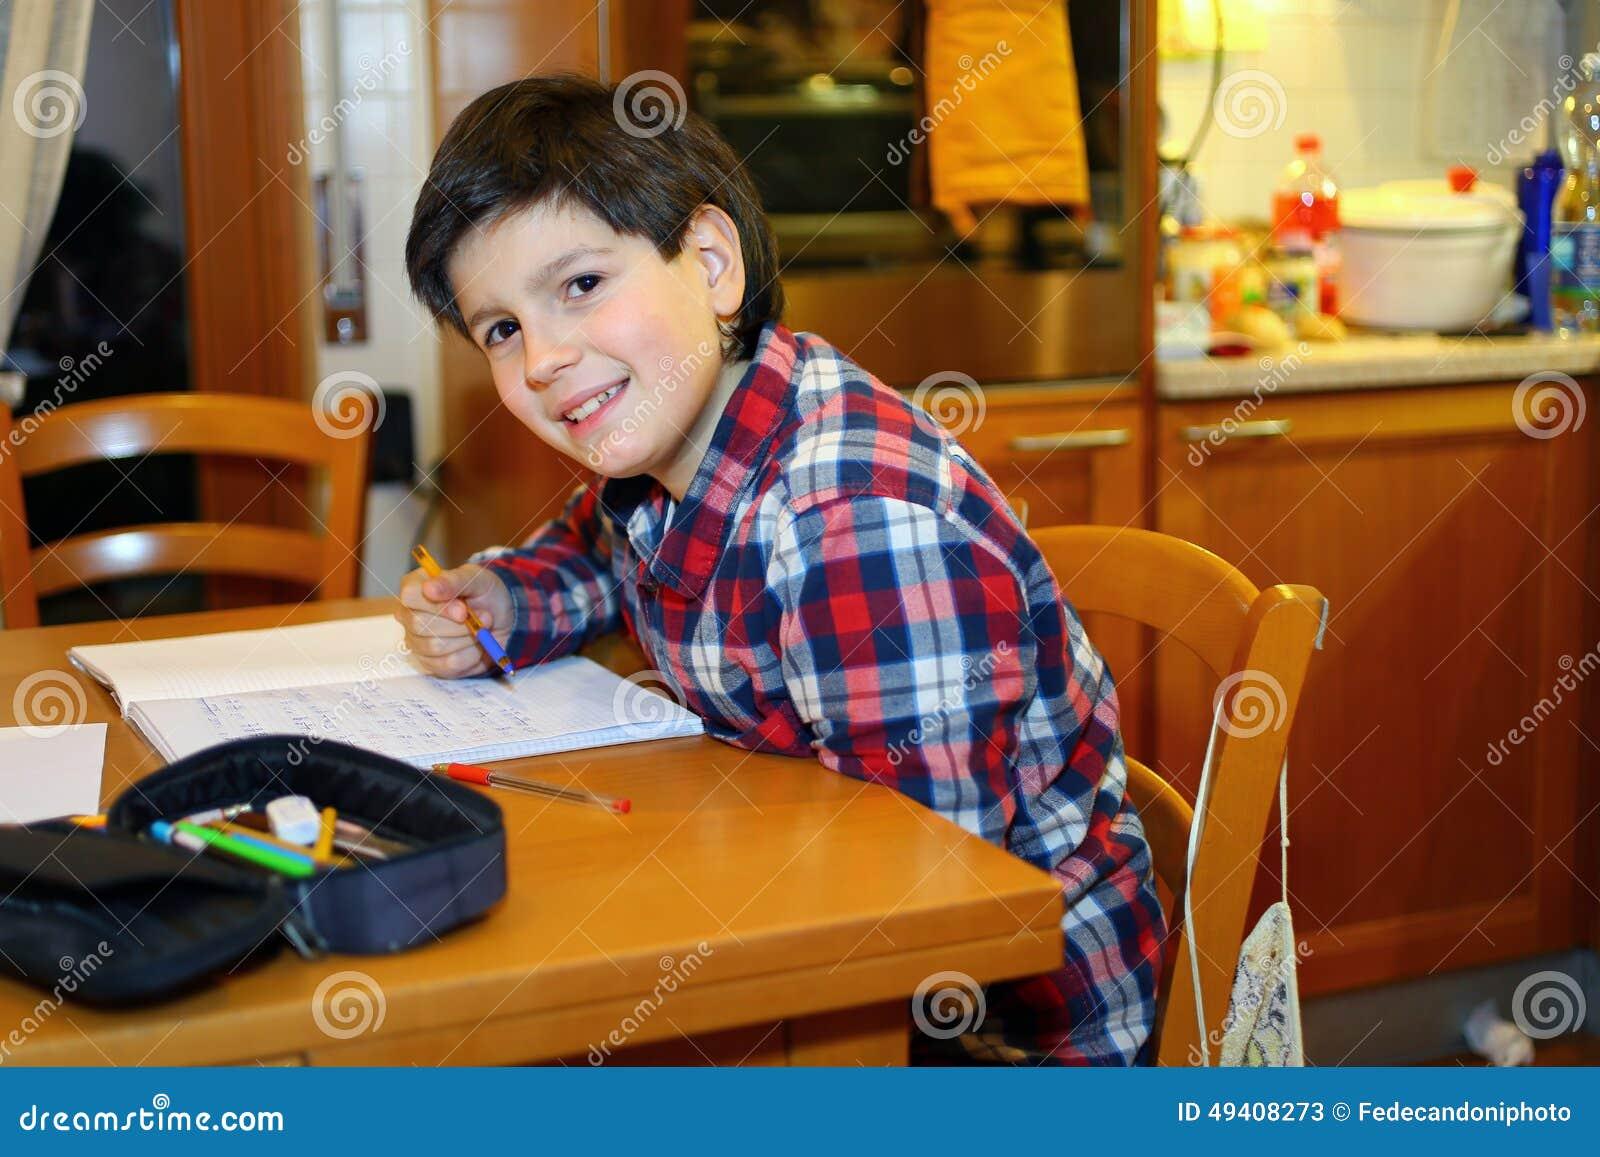 Download Junge Schreibt Auf Sein Notizbuch Stockbild - Bild von junge, unter: 49408273